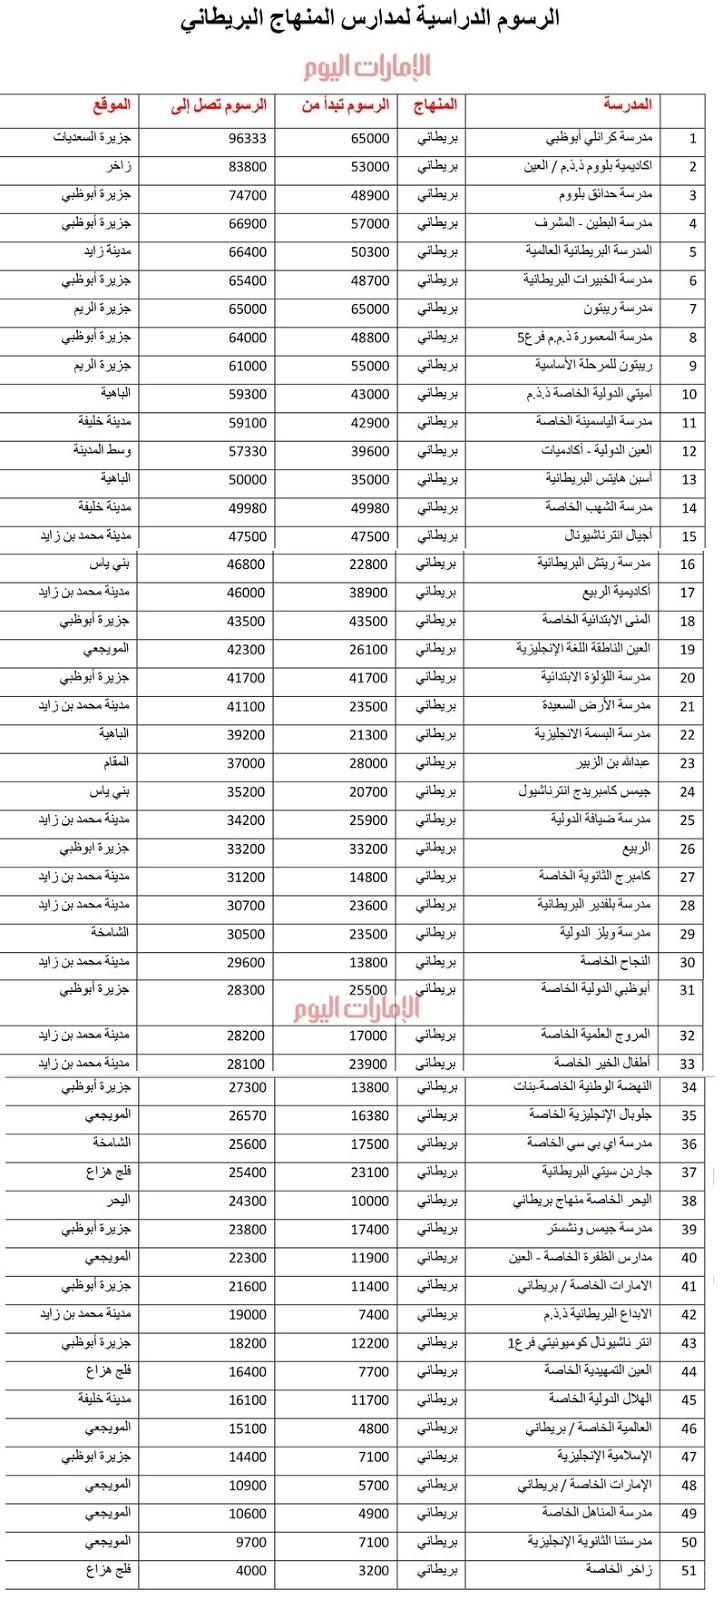 الرسوم الدراسية للمدارس الخاصة المنهاج البريطانى فى إمارة أبوظبى